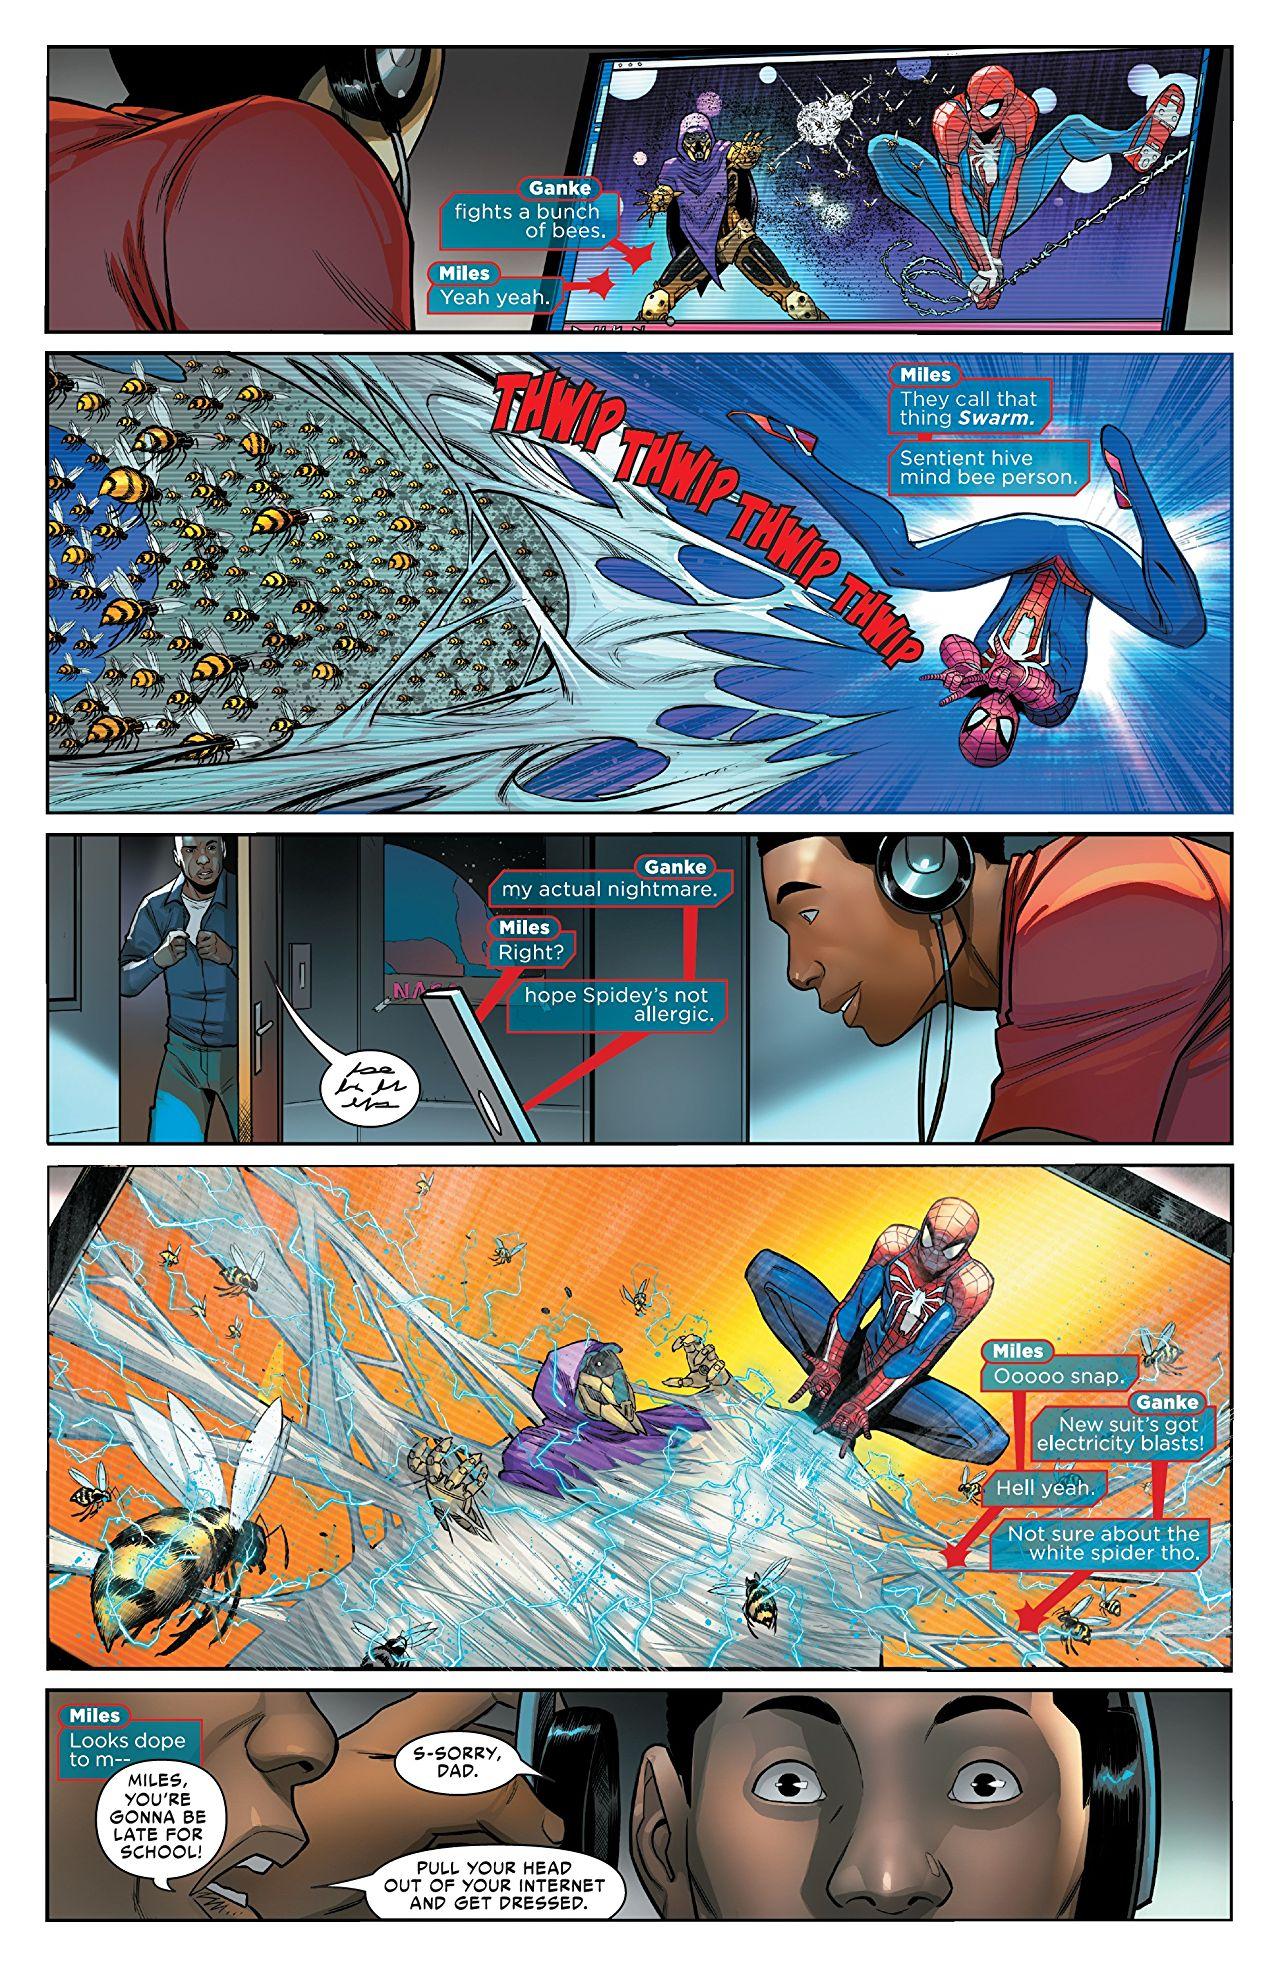 marvel's spider-man 2 swarm vilain ?